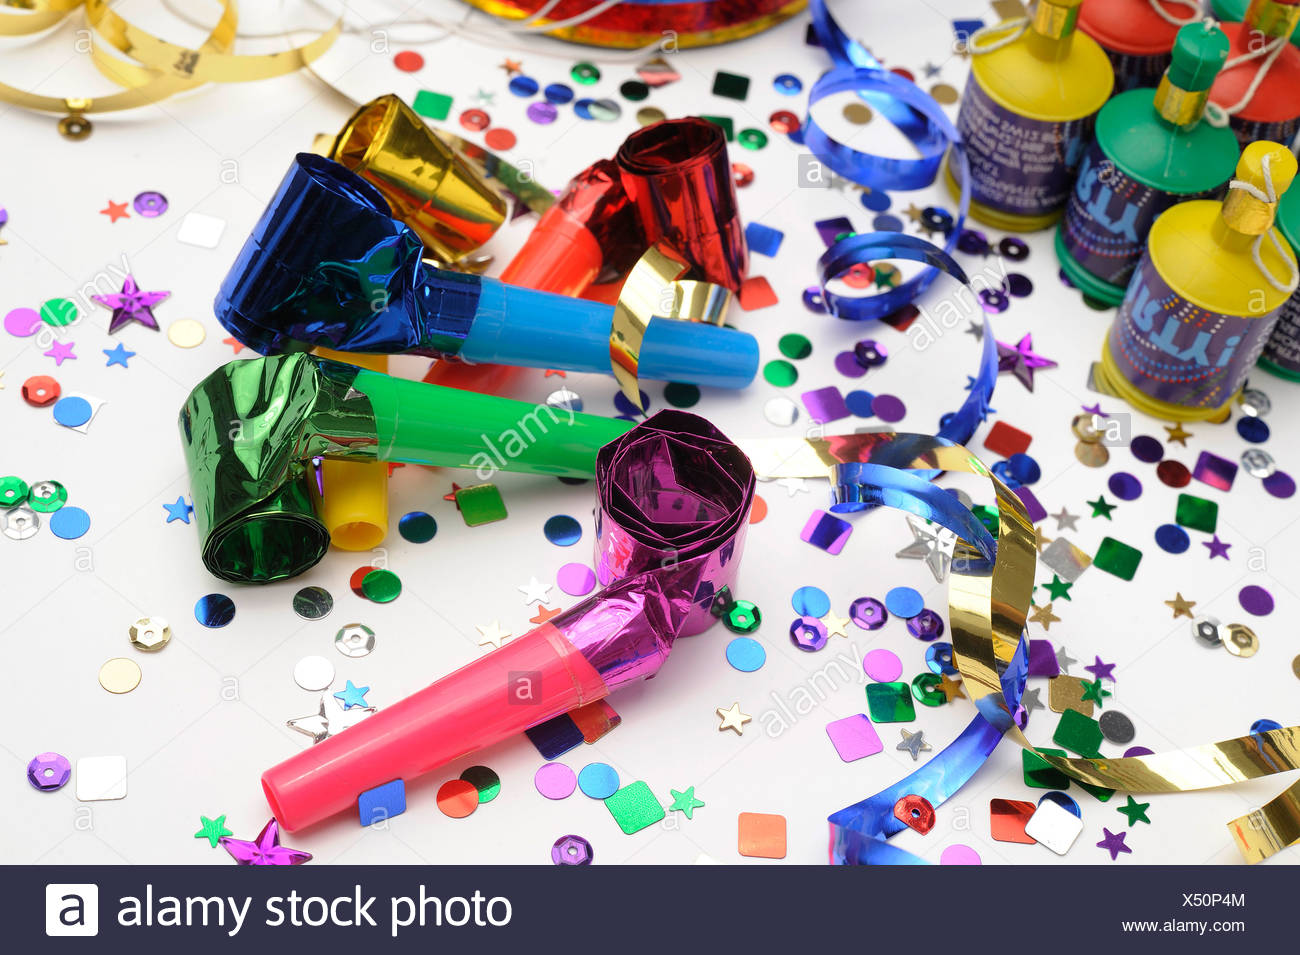 Ein Stillleben Bild der bunte Konfetti, Horn Gebläse, Luftschlangen und Party Poppers auf weißem Hintergrund Stockbild